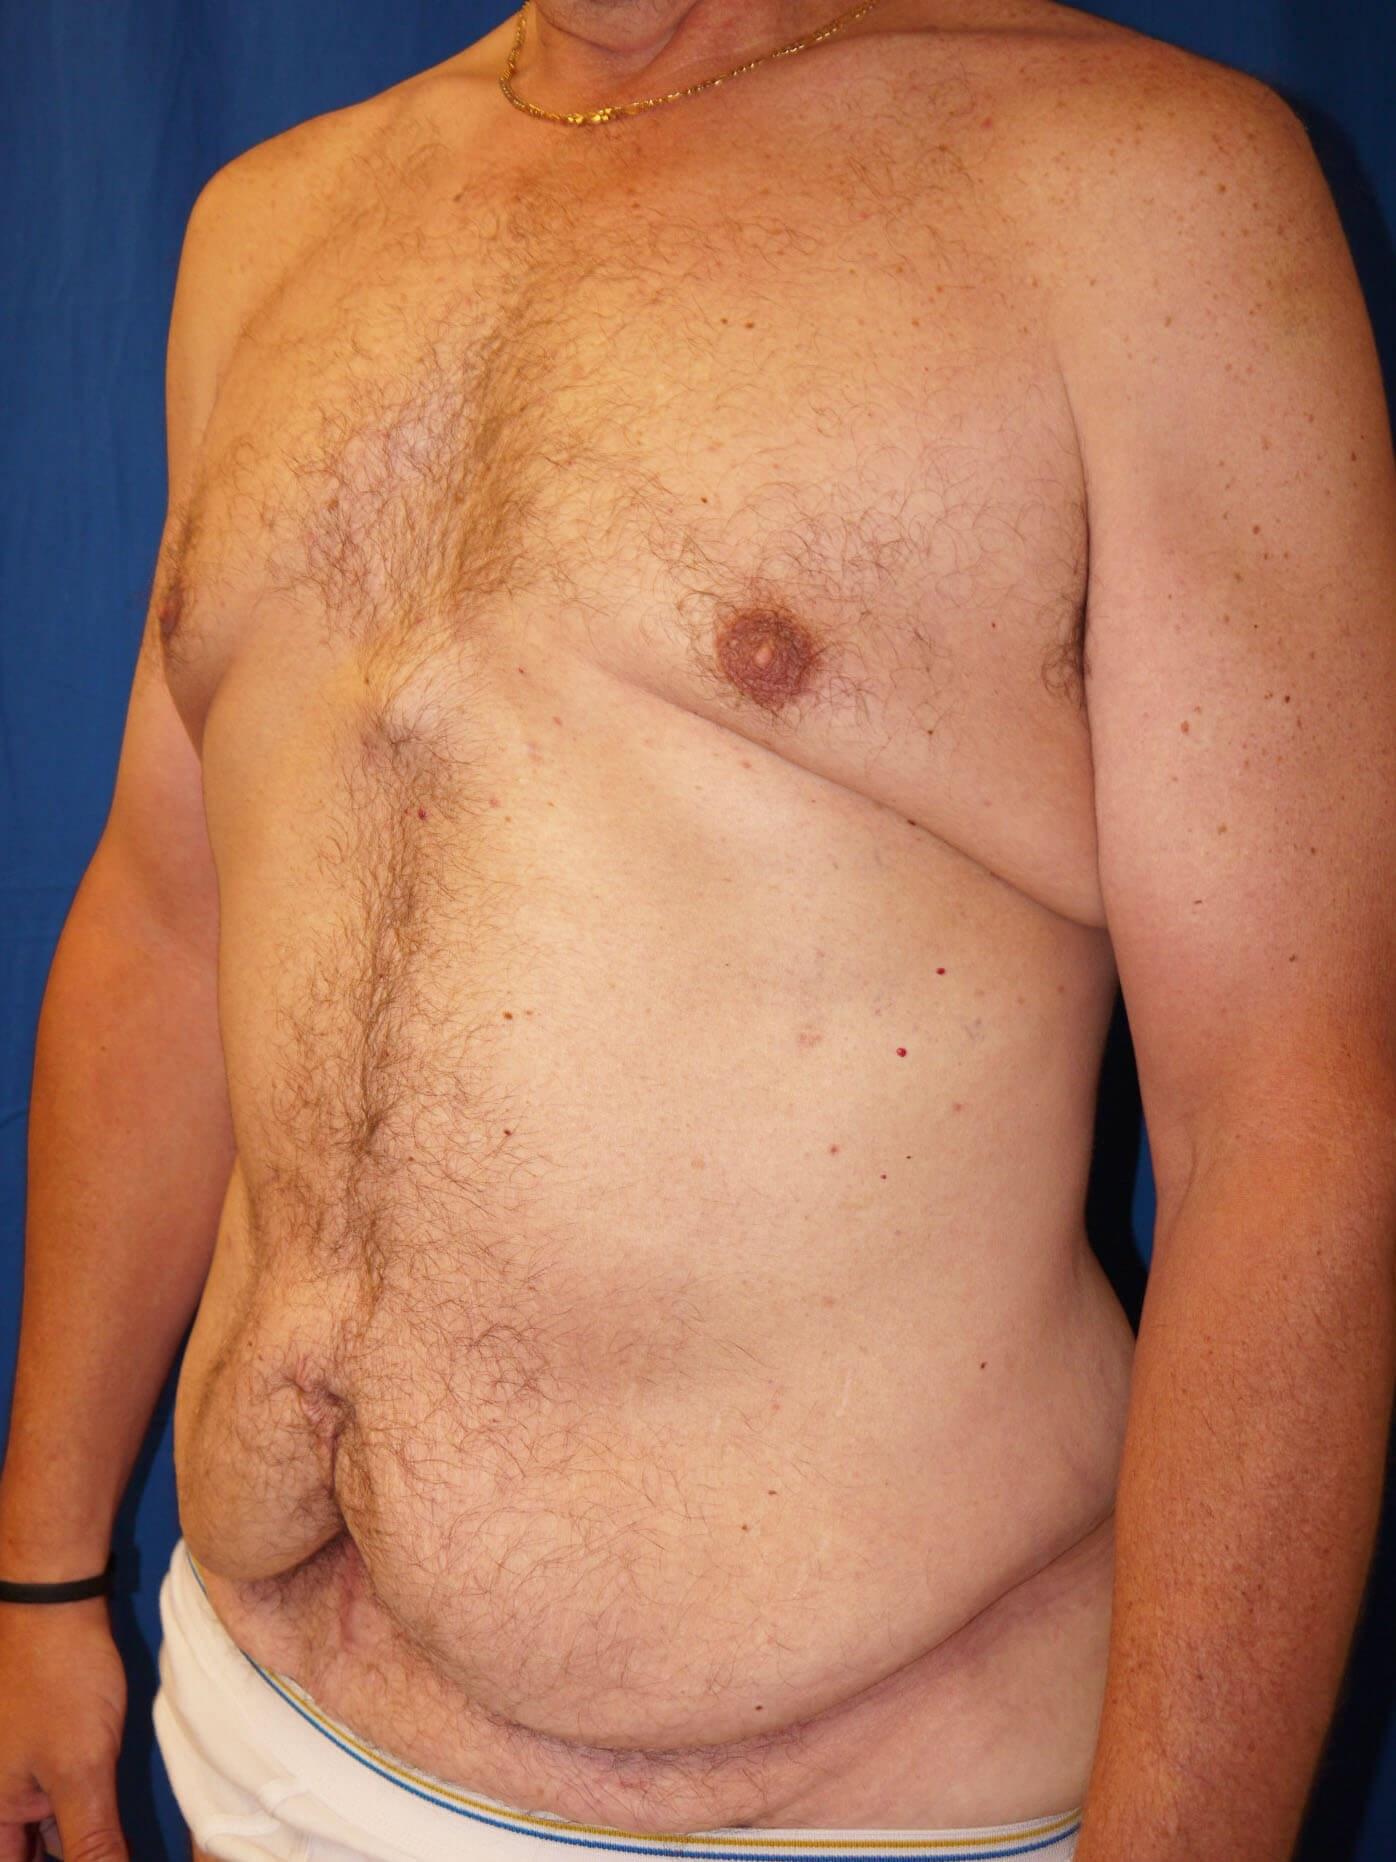 Before Weight Loss Plastic Surgery - Left Oblique View - Left Oblique View